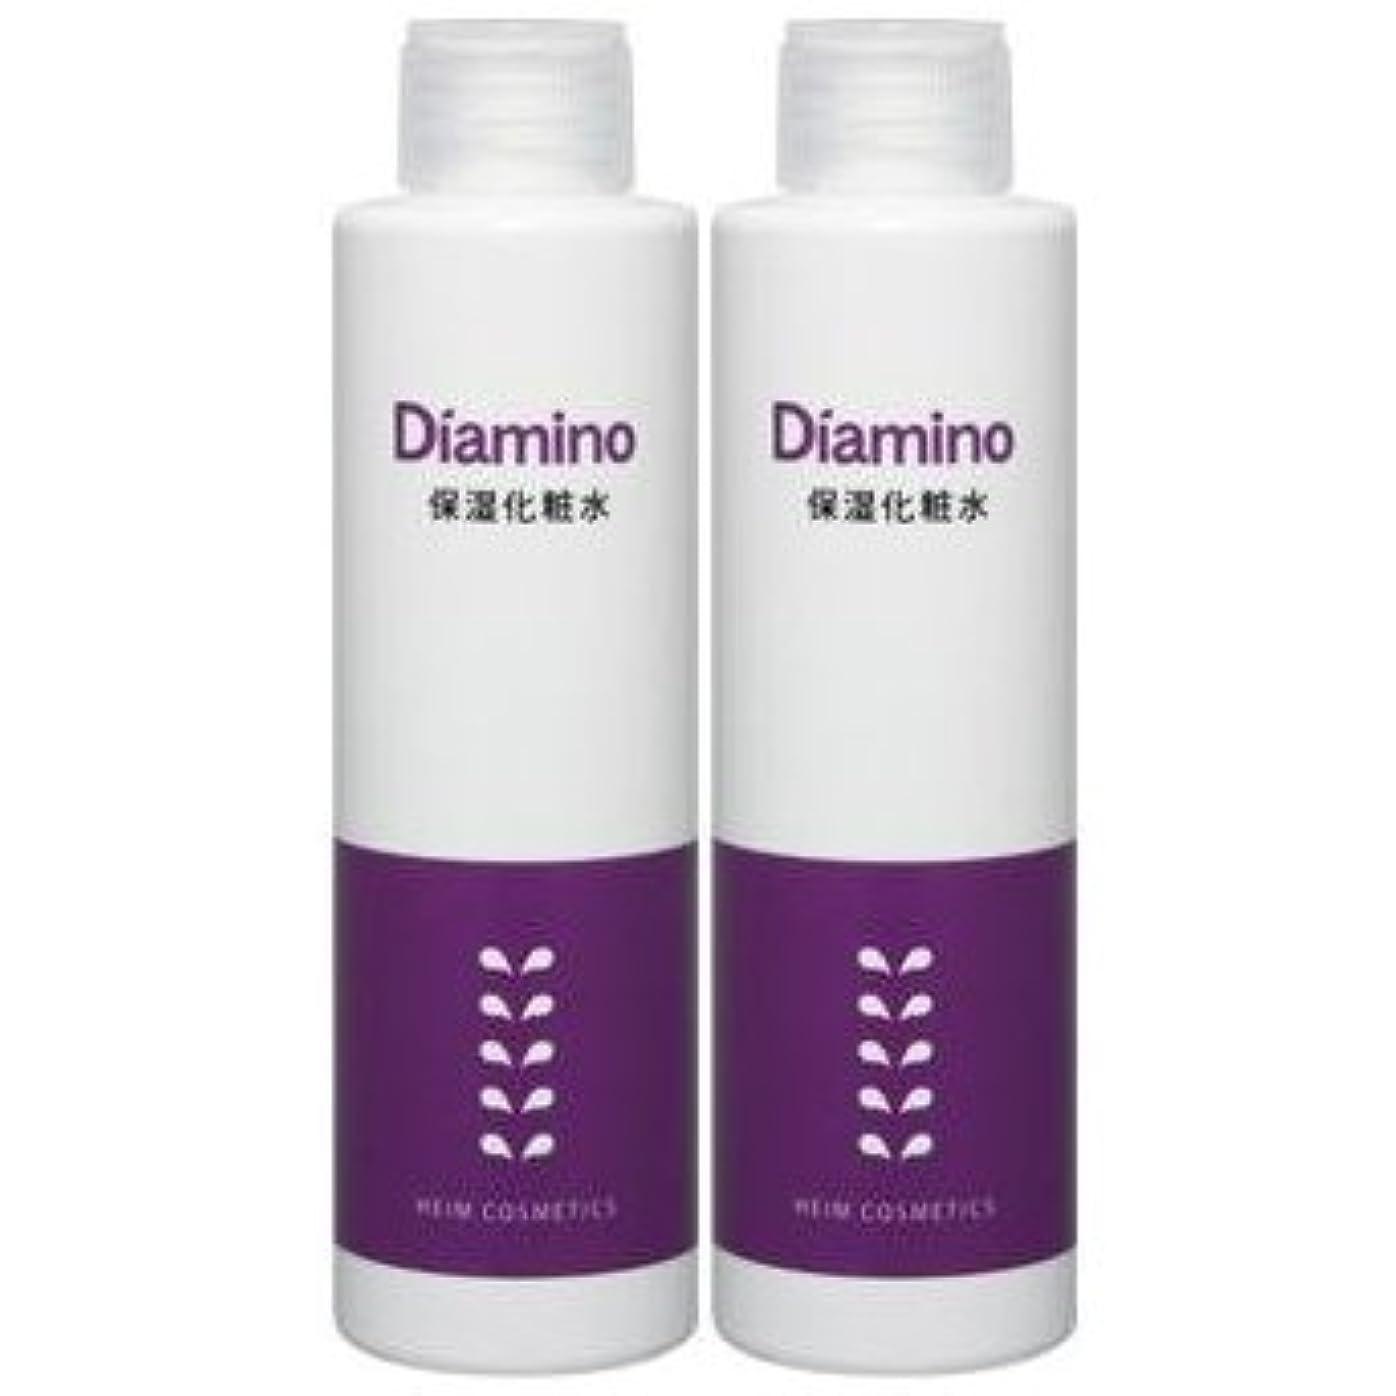 意気込み凝視丁寧ハイム化粧品/ディアミノ 保湿 化粧水×2個